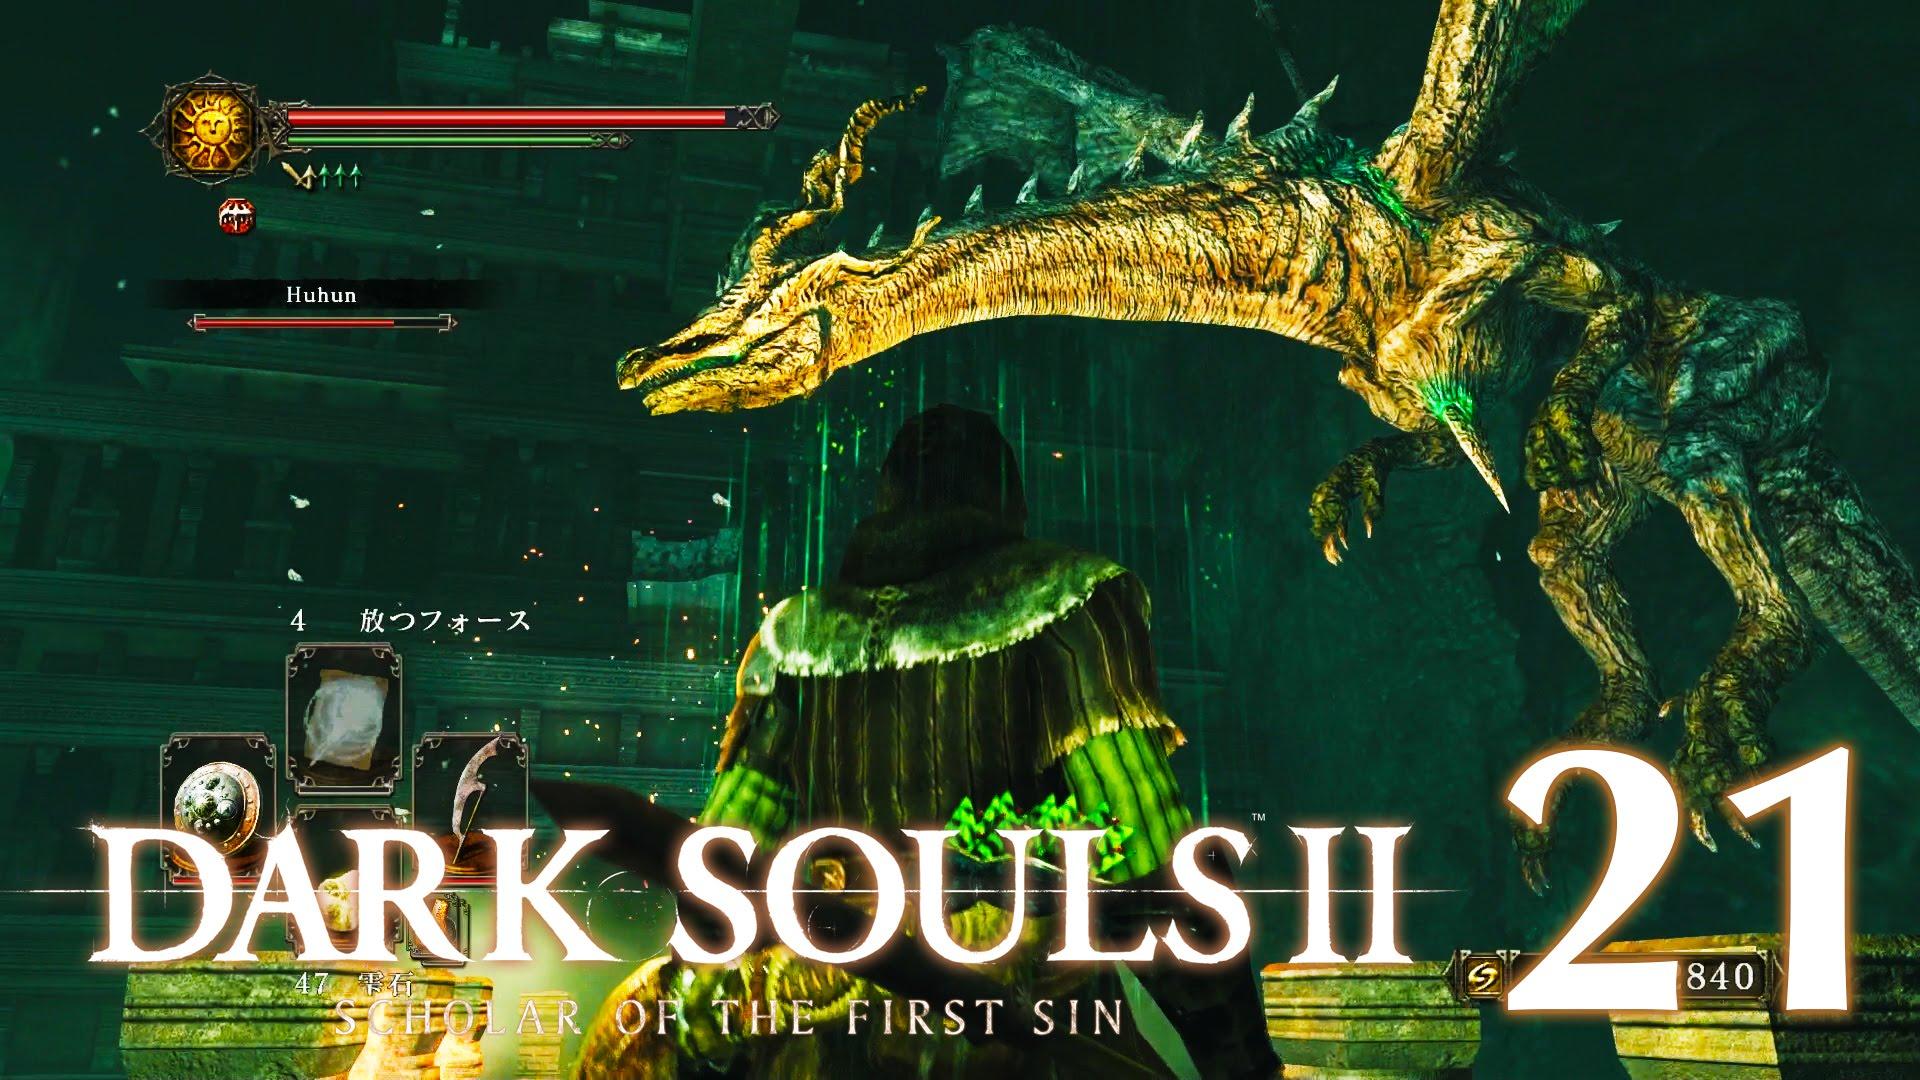 #21【PC版】SCHOLAR OF THE FIRST SIN   DARKSOULS Ⅱ【聖壁の都サルヴァ】